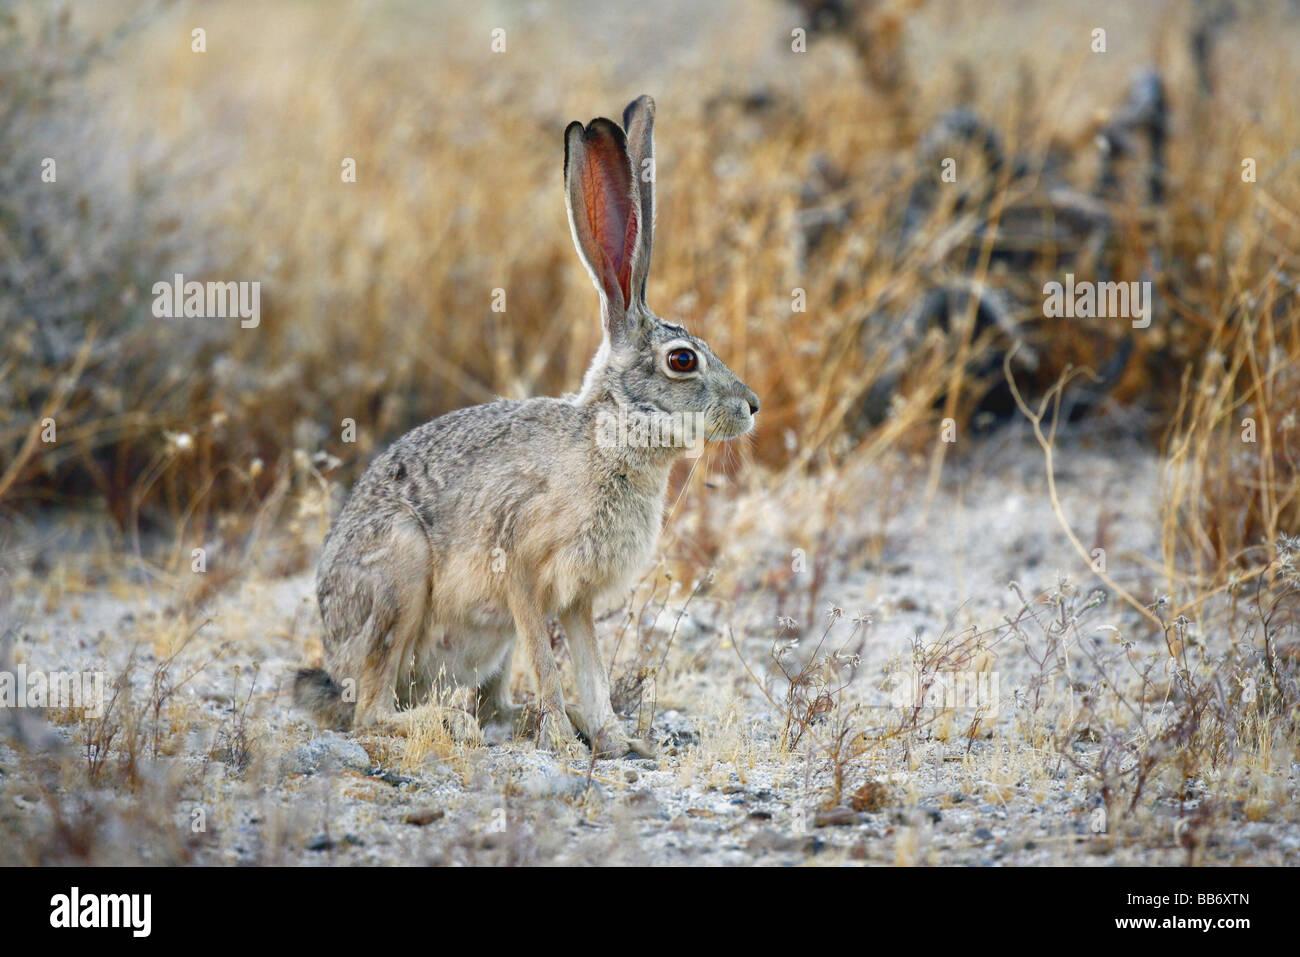 Black-tailed Jackrabbit freezes motionless to avoid detection in desert grassland - Stock Image